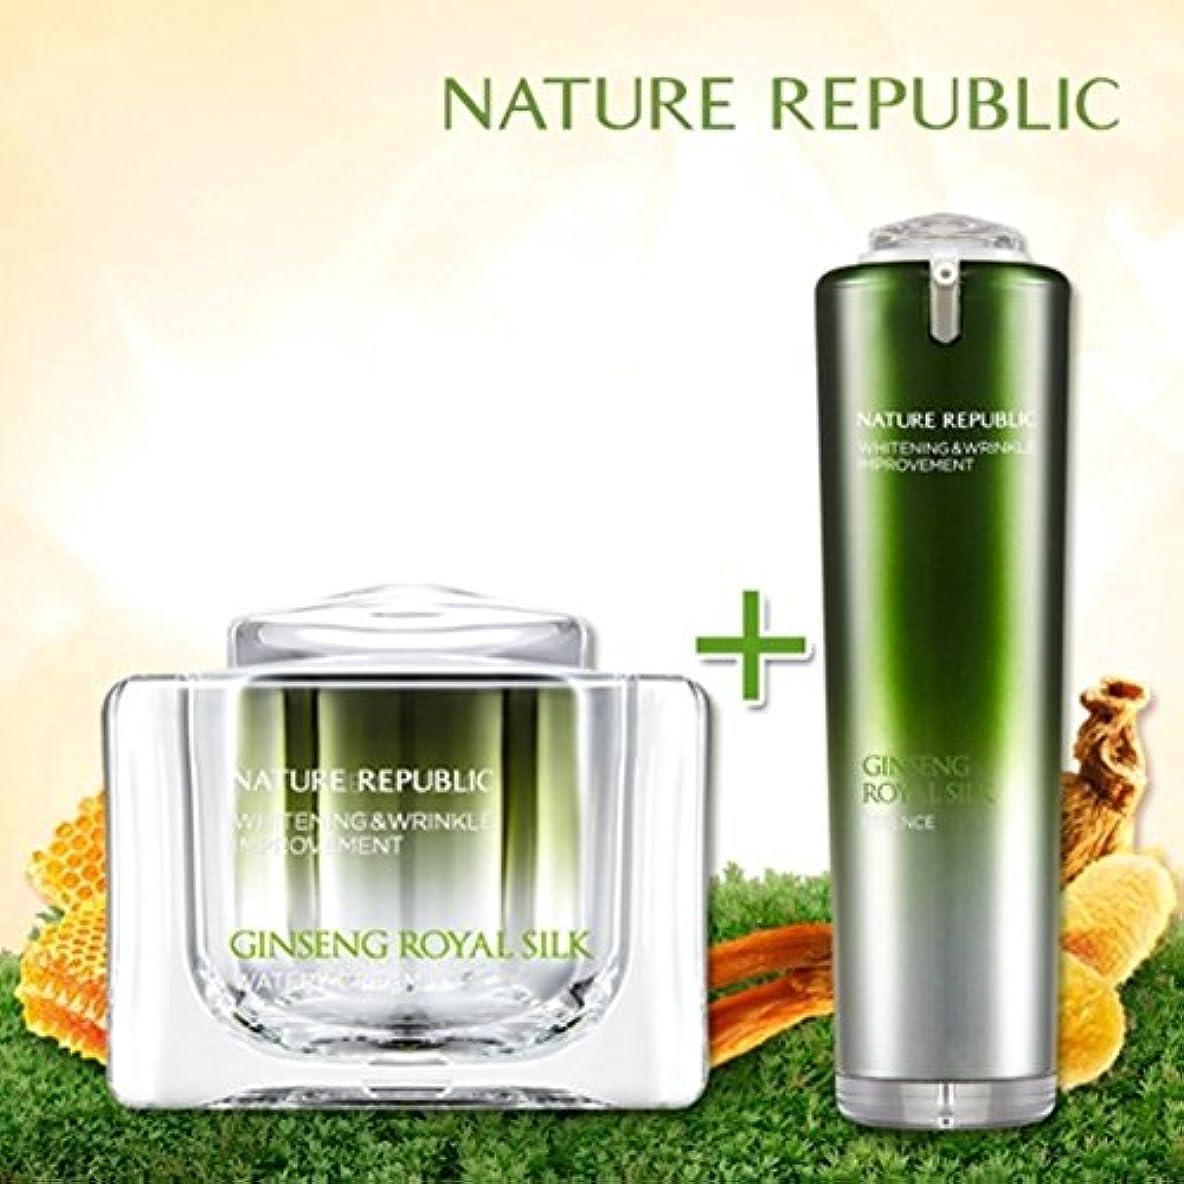 一掃する音楽を聴くエコーNATURE REPUBLIC/高麗人参ロイヤルシルクウォーターリークリーム+エッセンス Nature Republic、Ginseng Royal silk Watery Cream+Essence(海外直送品)